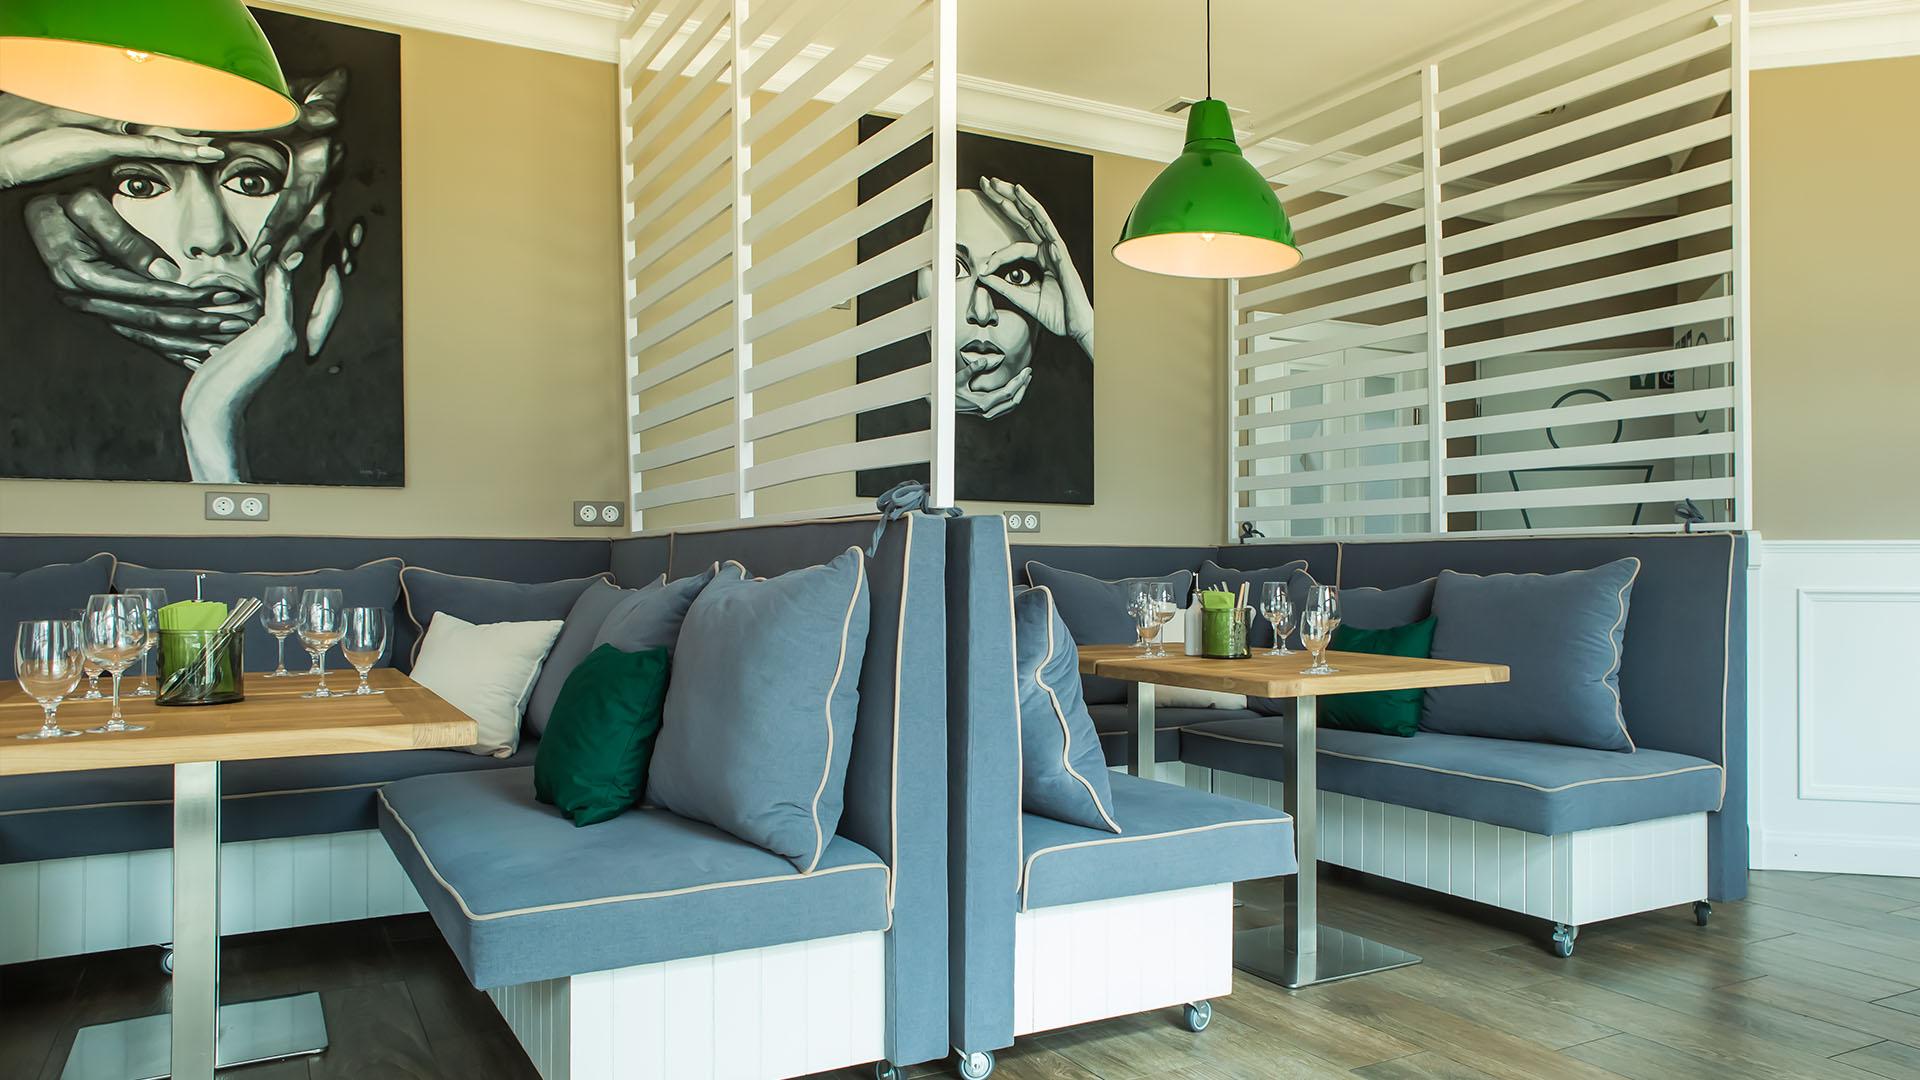 Wnętrze restauracji - wykonanie projektu architekt wnętrz Emilia Strzempek Plasun